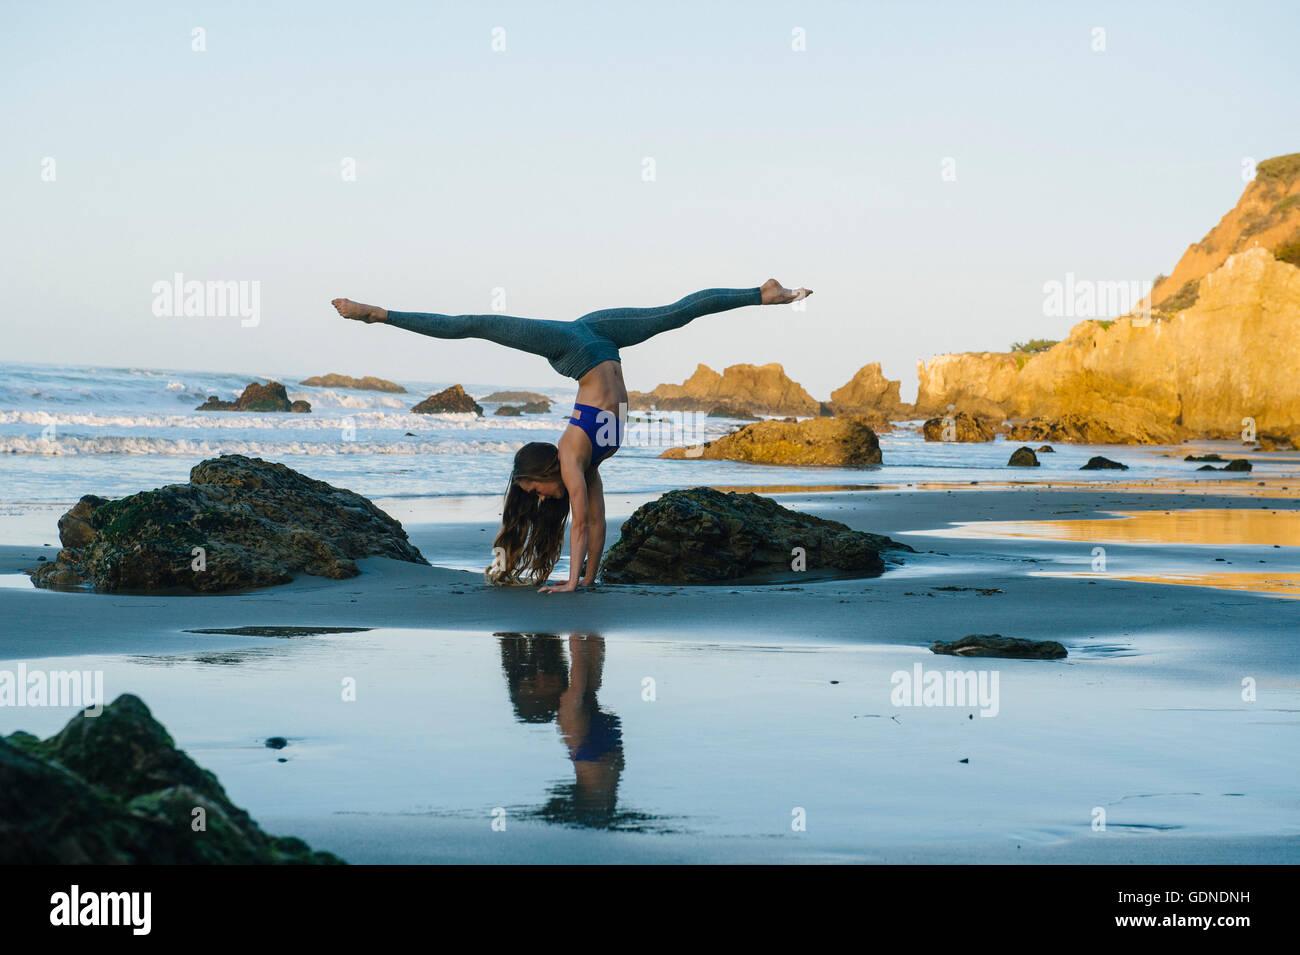 Giovane ballerino femmina in bilico nel handstand sulla spiaggia di Los Angeles, California, Stati Uniti d'America Immagini Stock